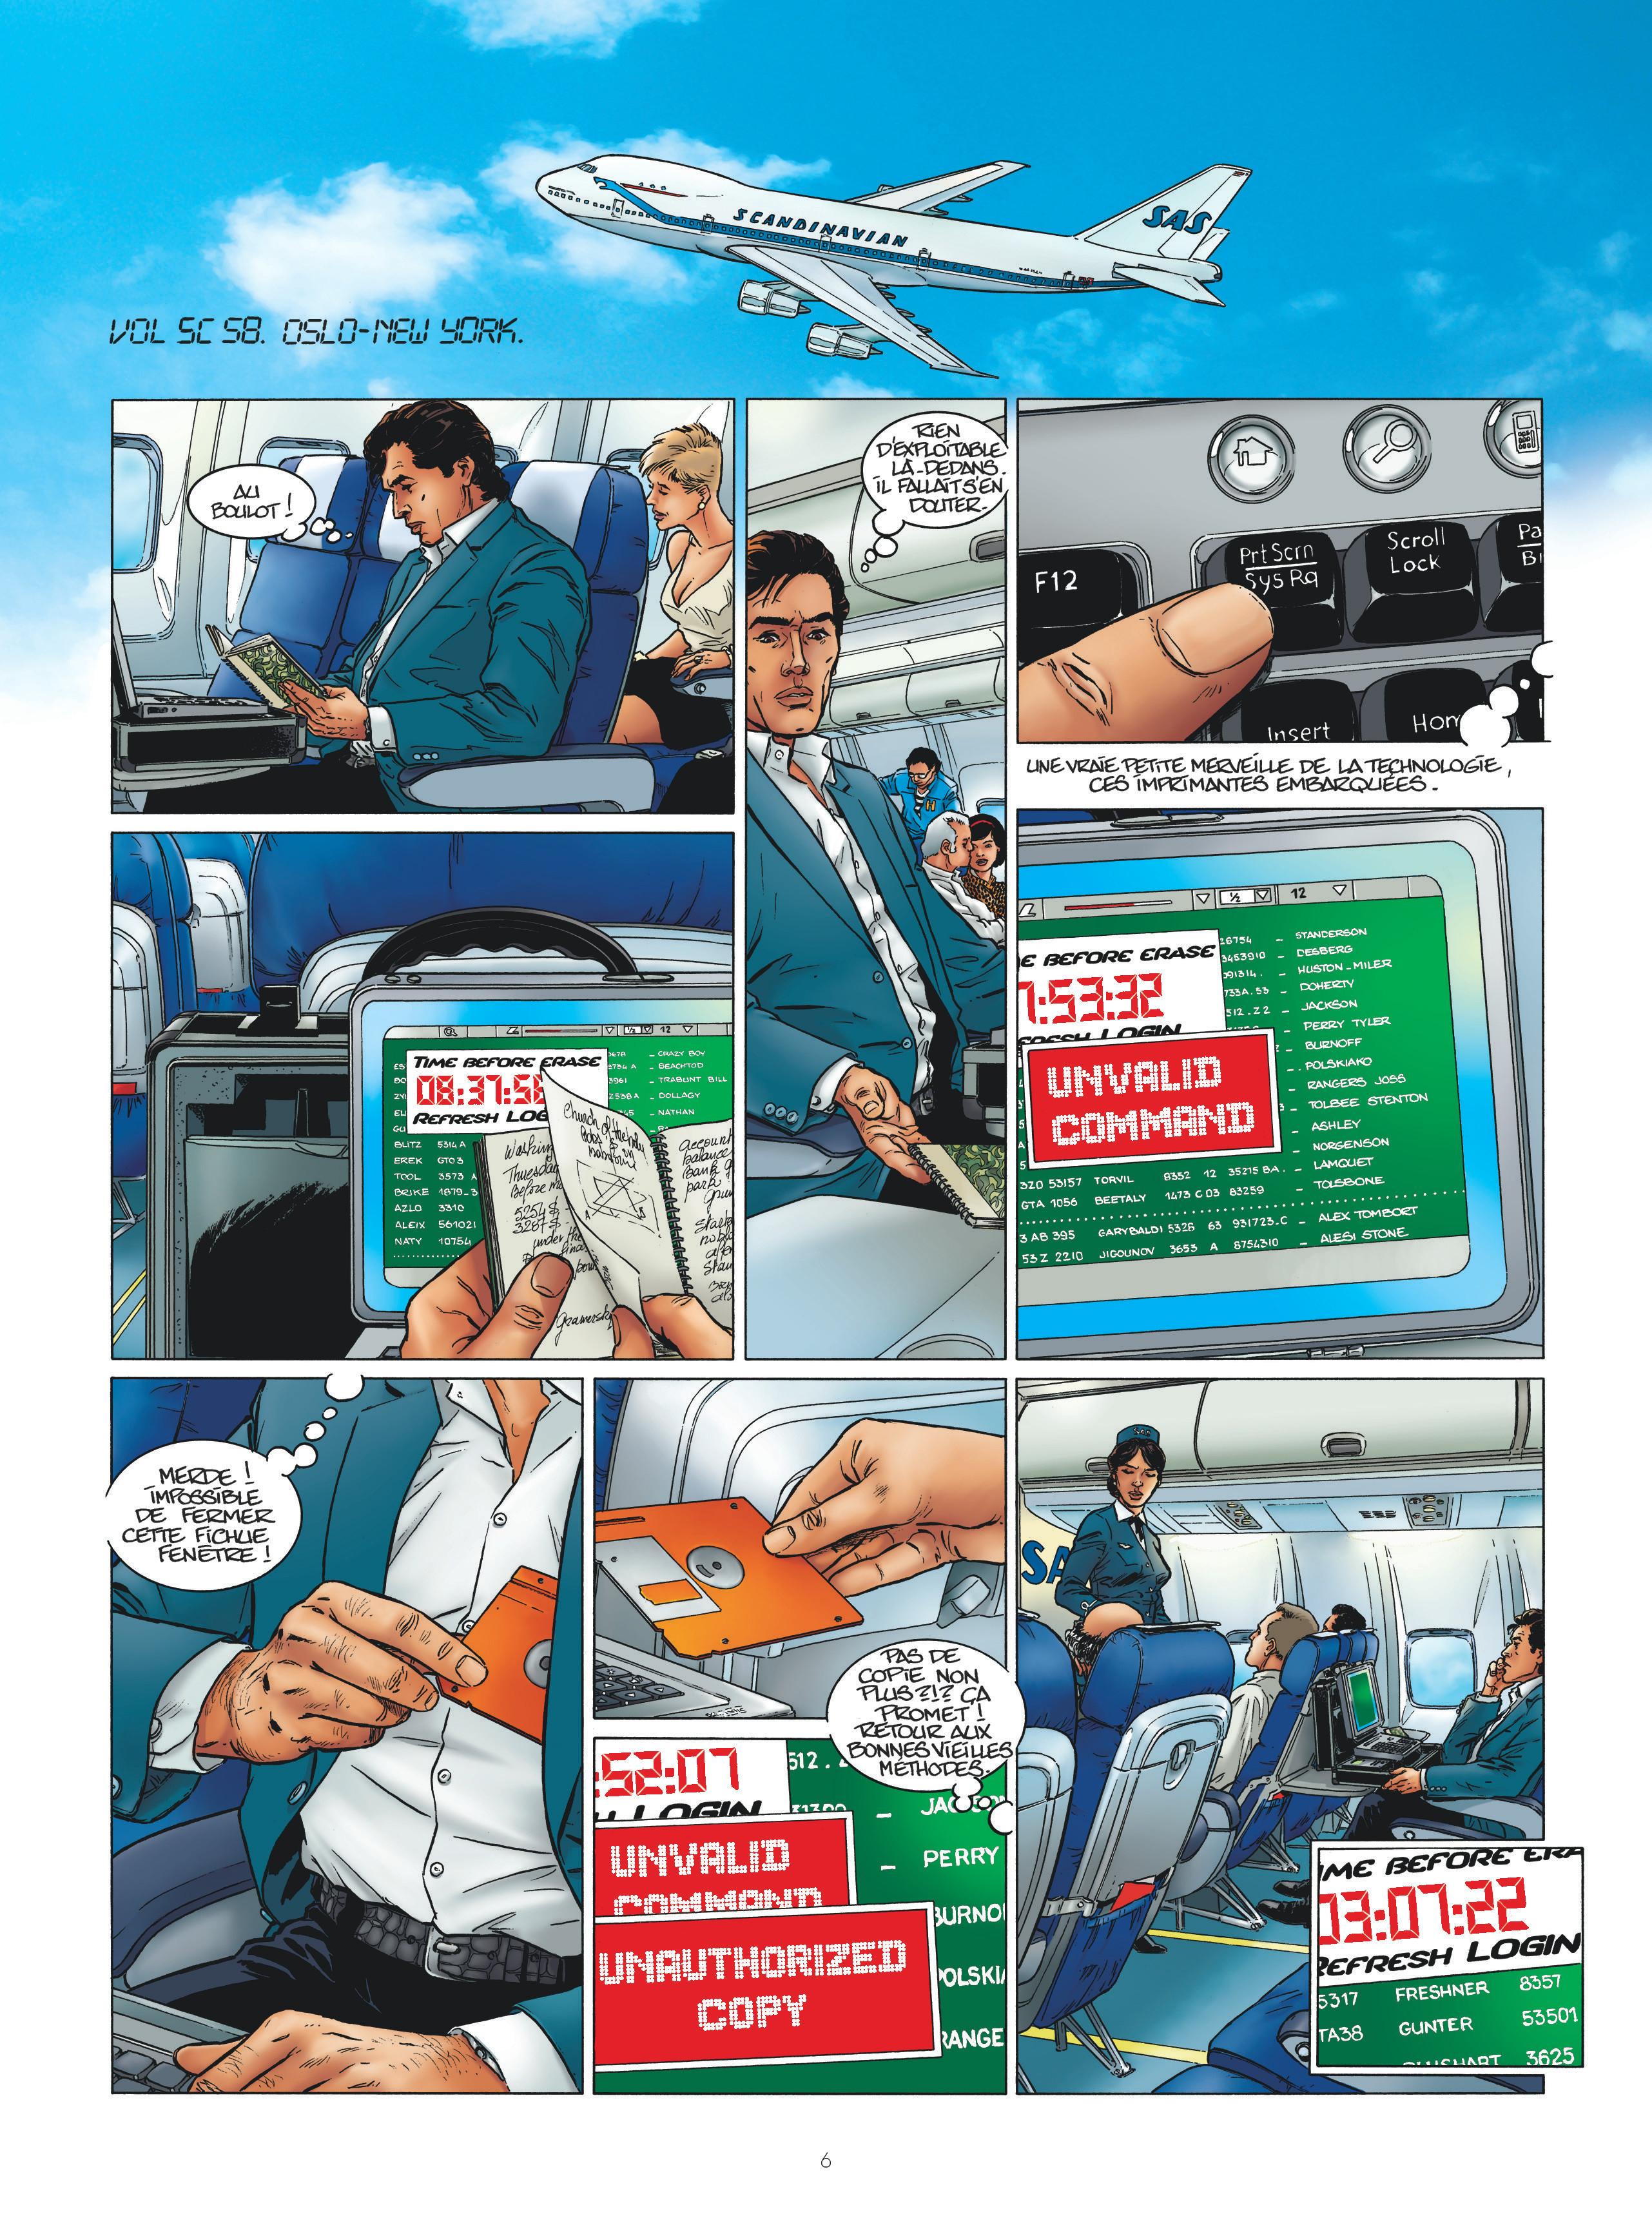 Alpha_pemières_armes#3_Page 6